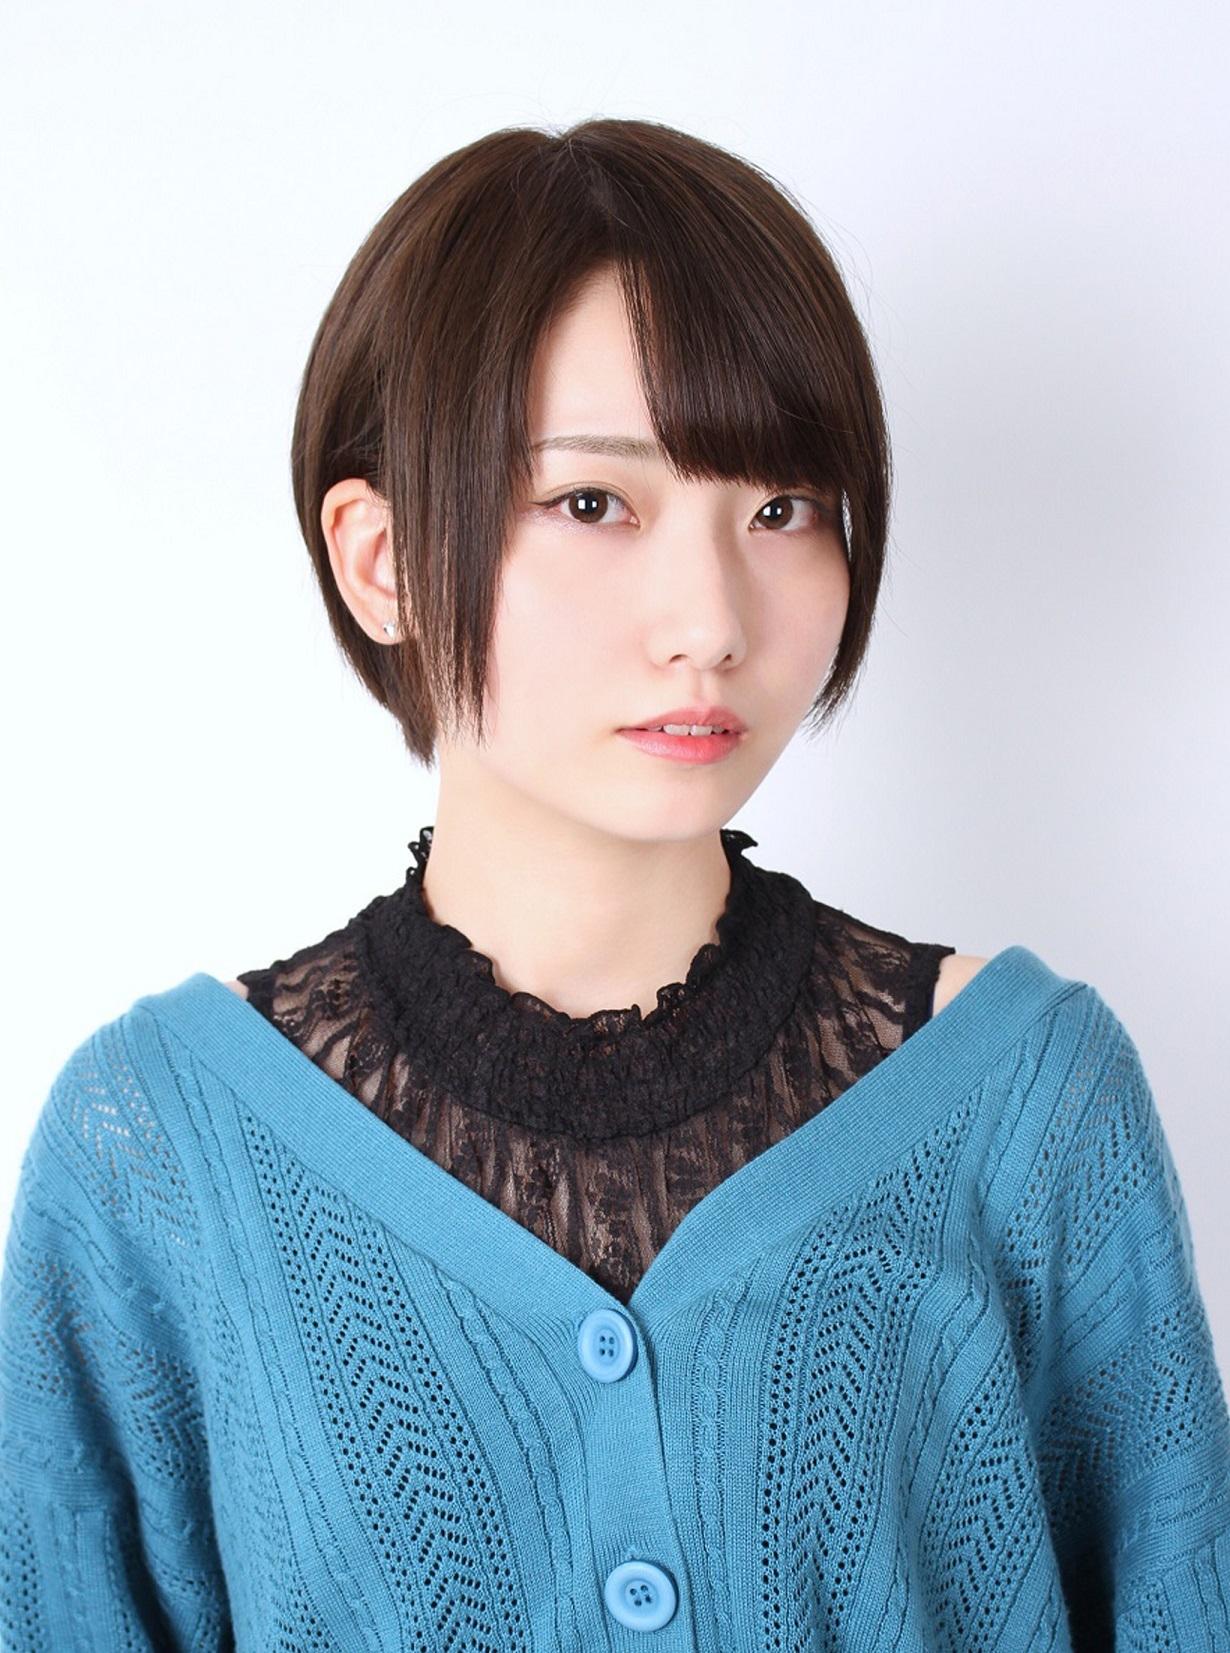 「comico」人気3作品がボイスコミック化! 西山宏太朗さん、芹澤優さんら声優陣からのコメントも到着!-6